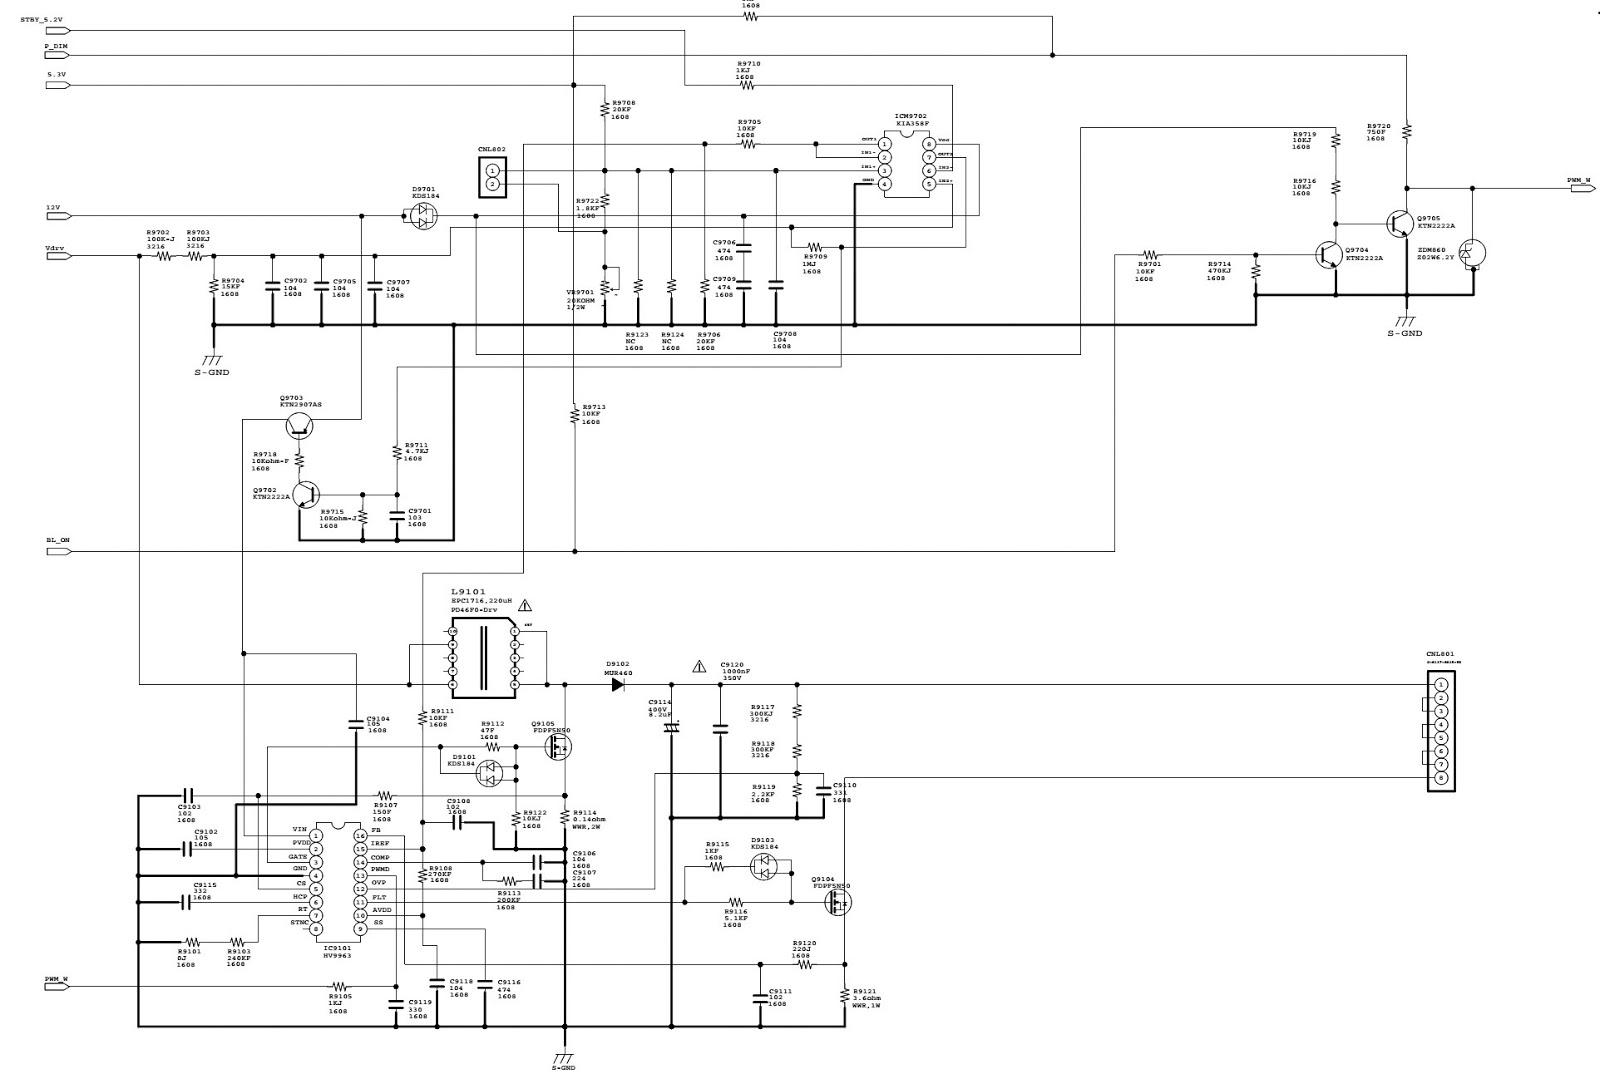 philips tv power supply schematic wiring diagram website